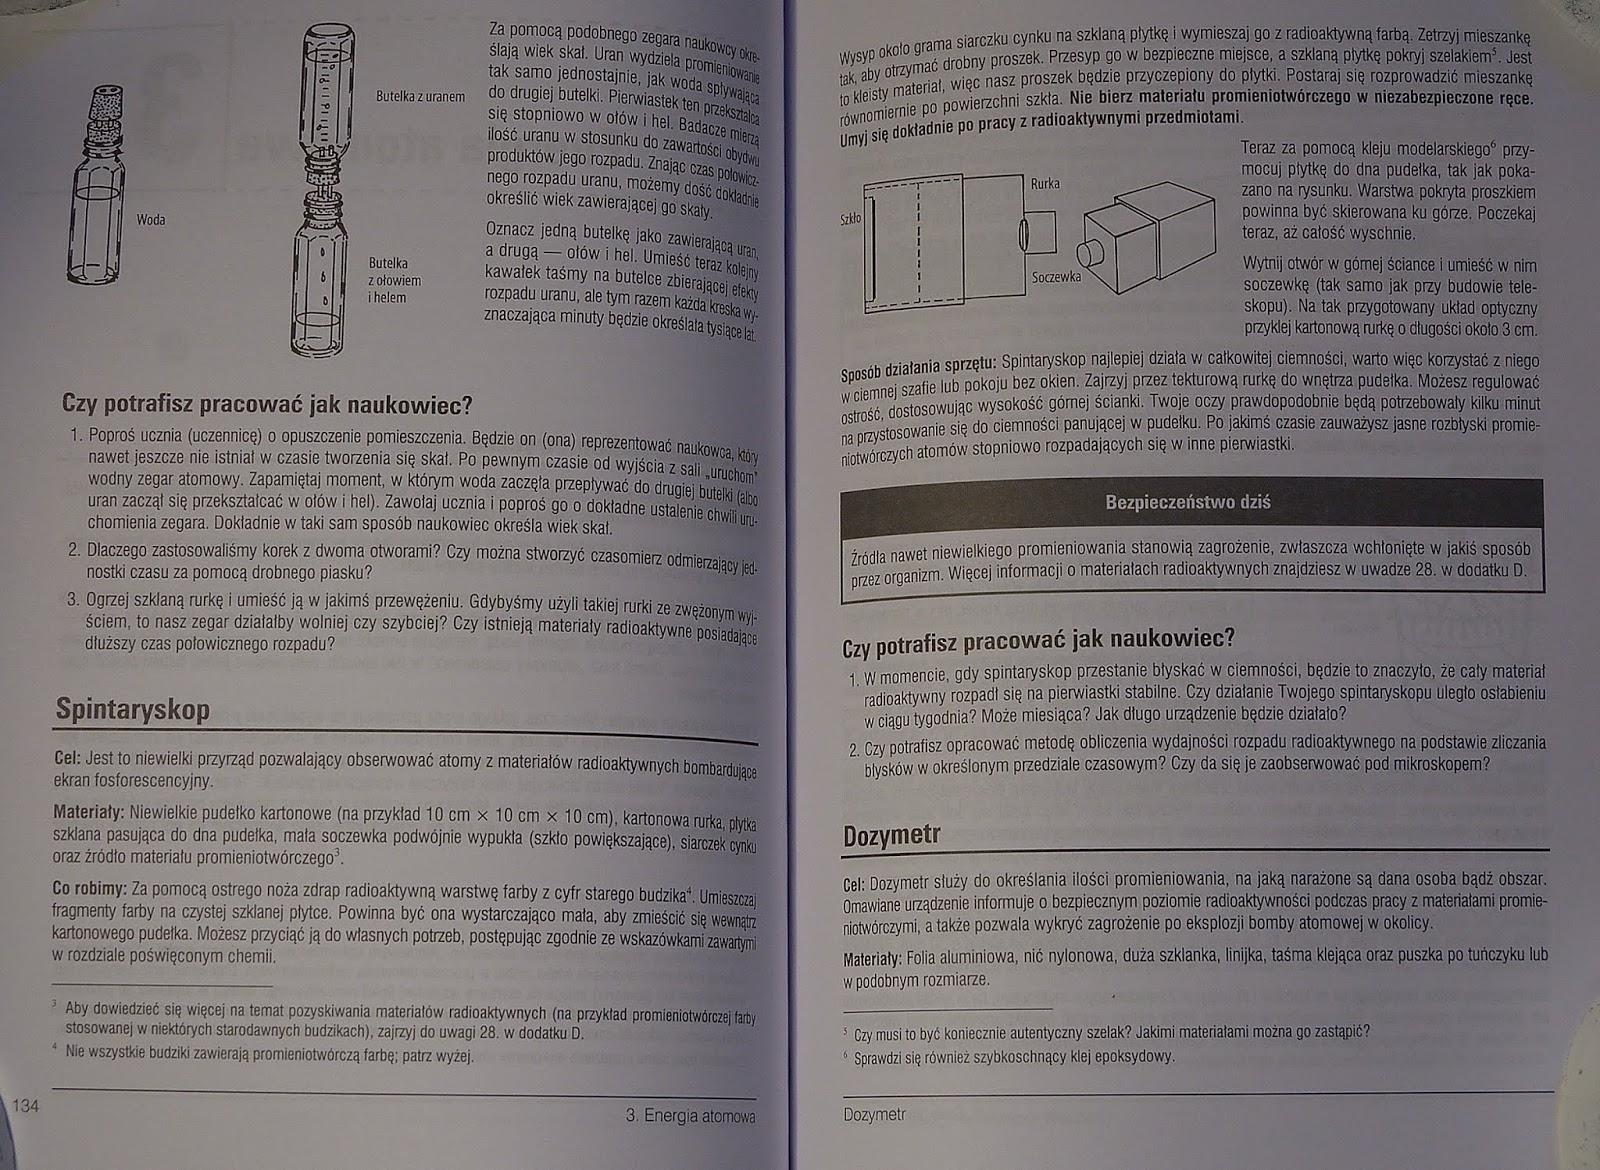 Definicja datowania radioaktywnego w nauce